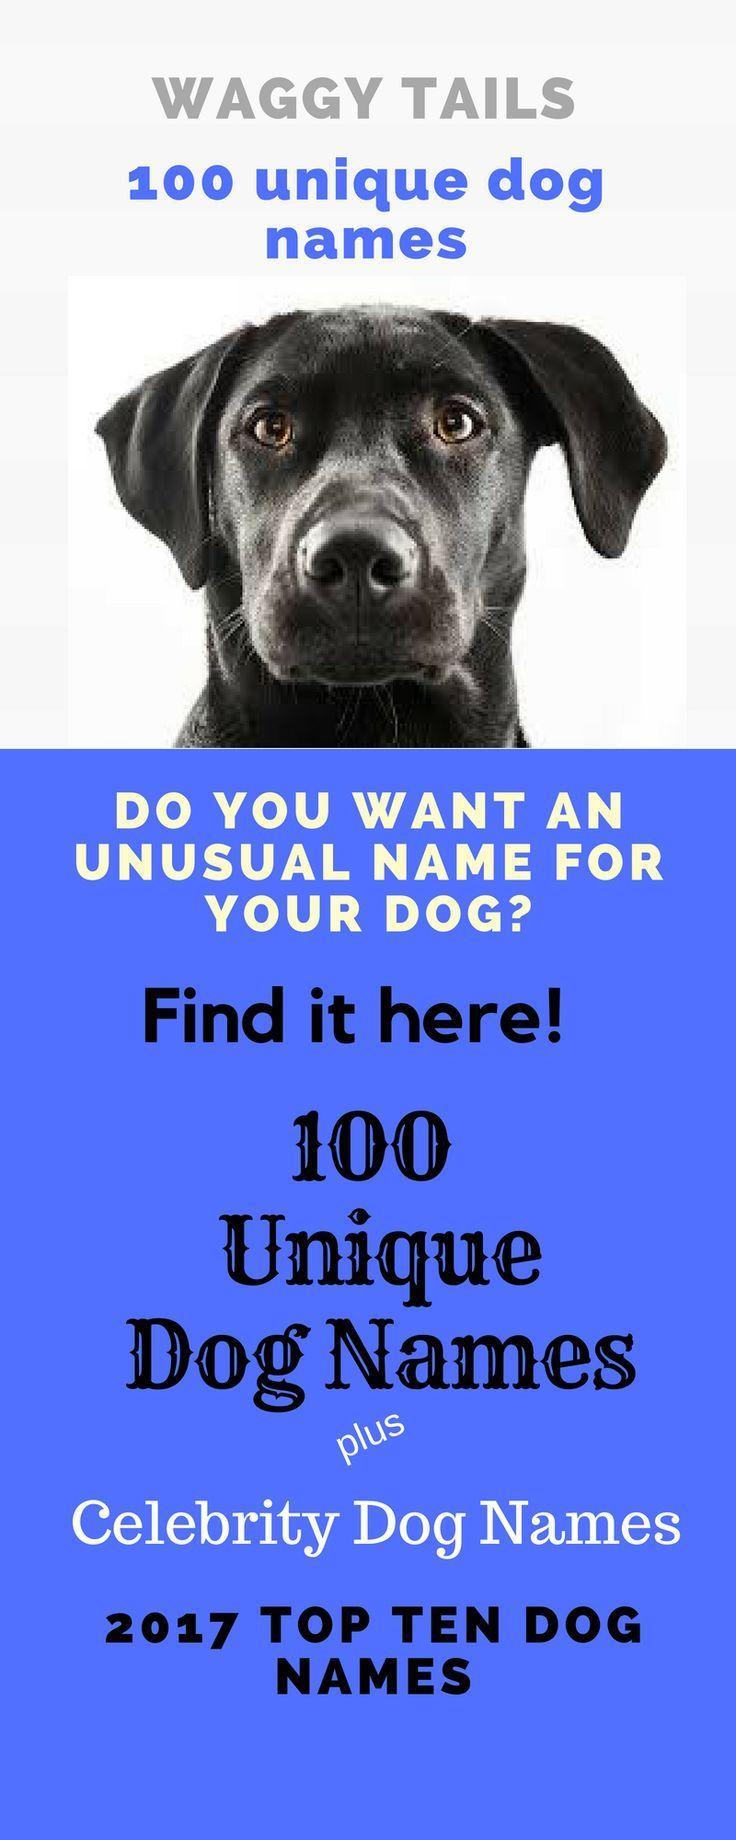 100 Unique Dog Names Celebrity Dog Names Most Popular Dog Names Dognames Uniquedognames Unusualdognames Populardognames How To Choos Dog Names Popular Dog Names Unusual Dog Names